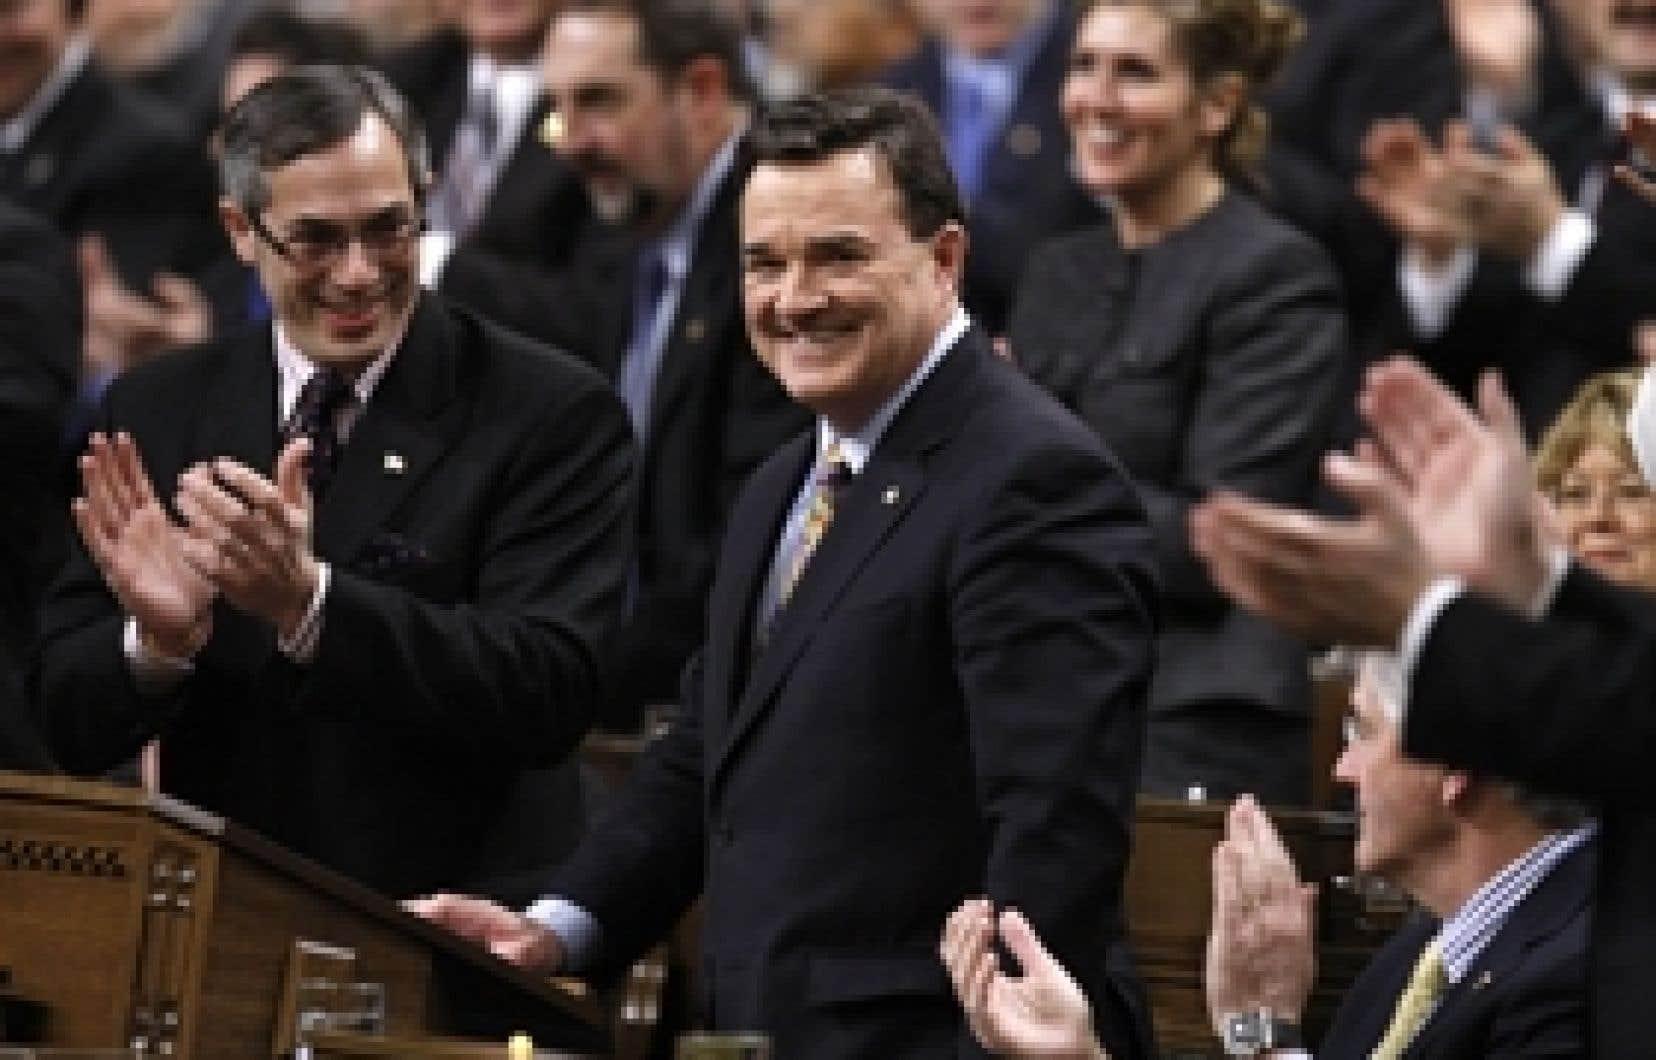 Le ministre Jim Flaherty s'apprêtant à dévoiler son budget à la Chambre des communes, hier.